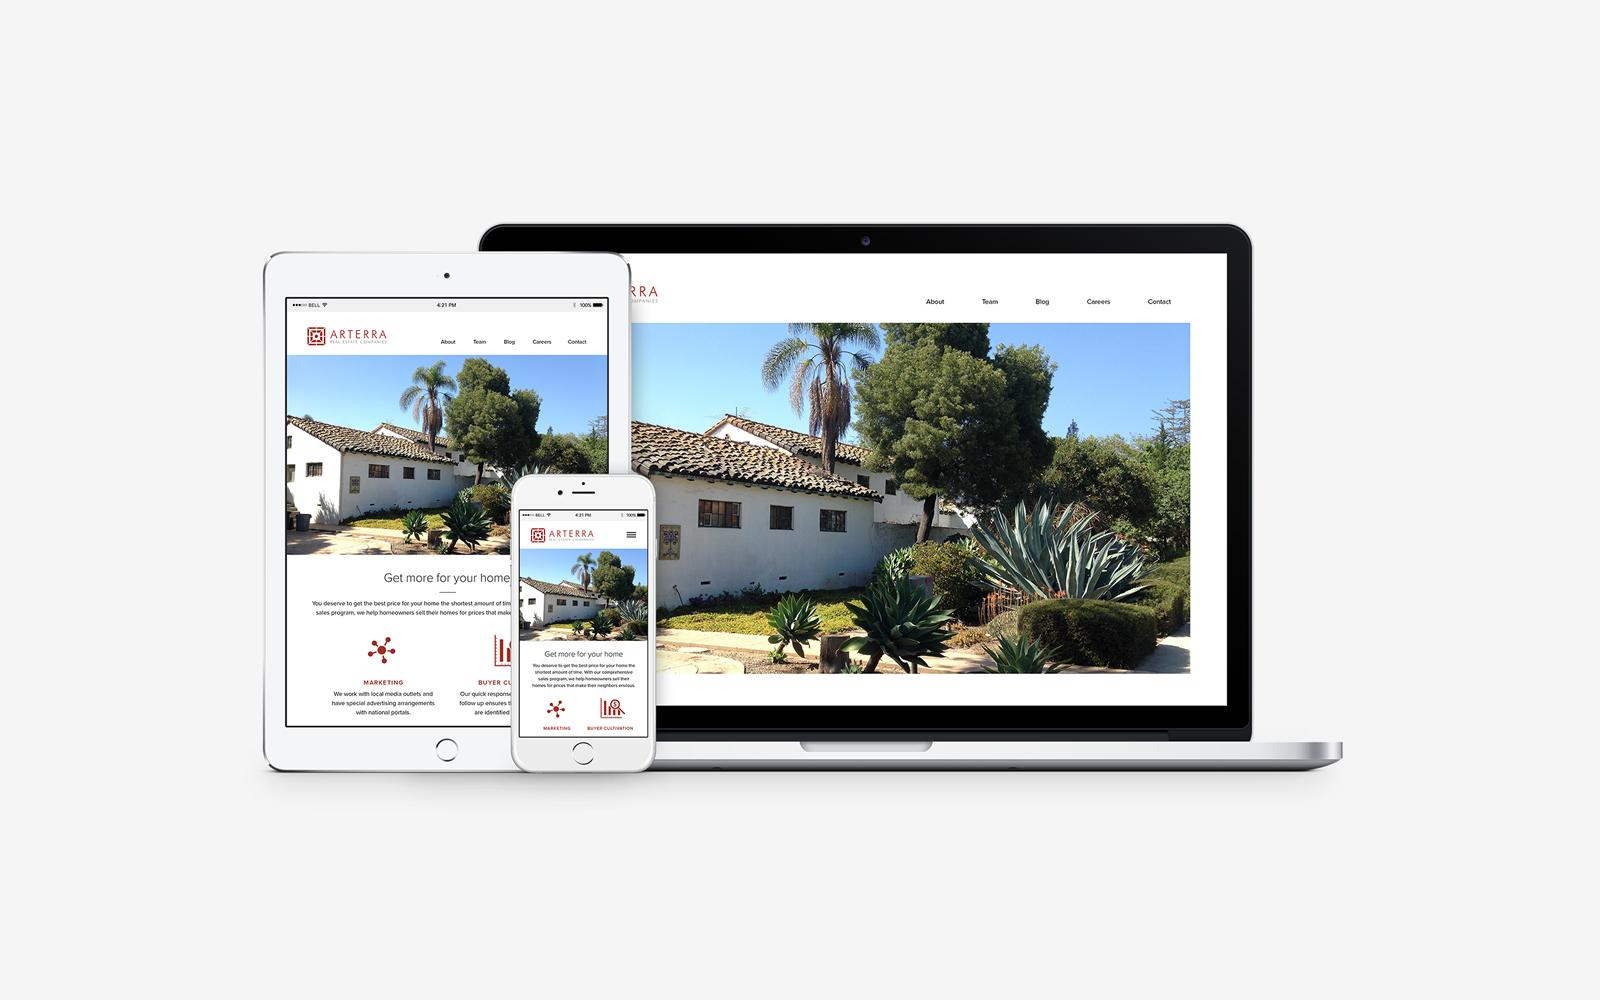 arterra real estate, responsive web design, website design, mobile, tablet, desktop